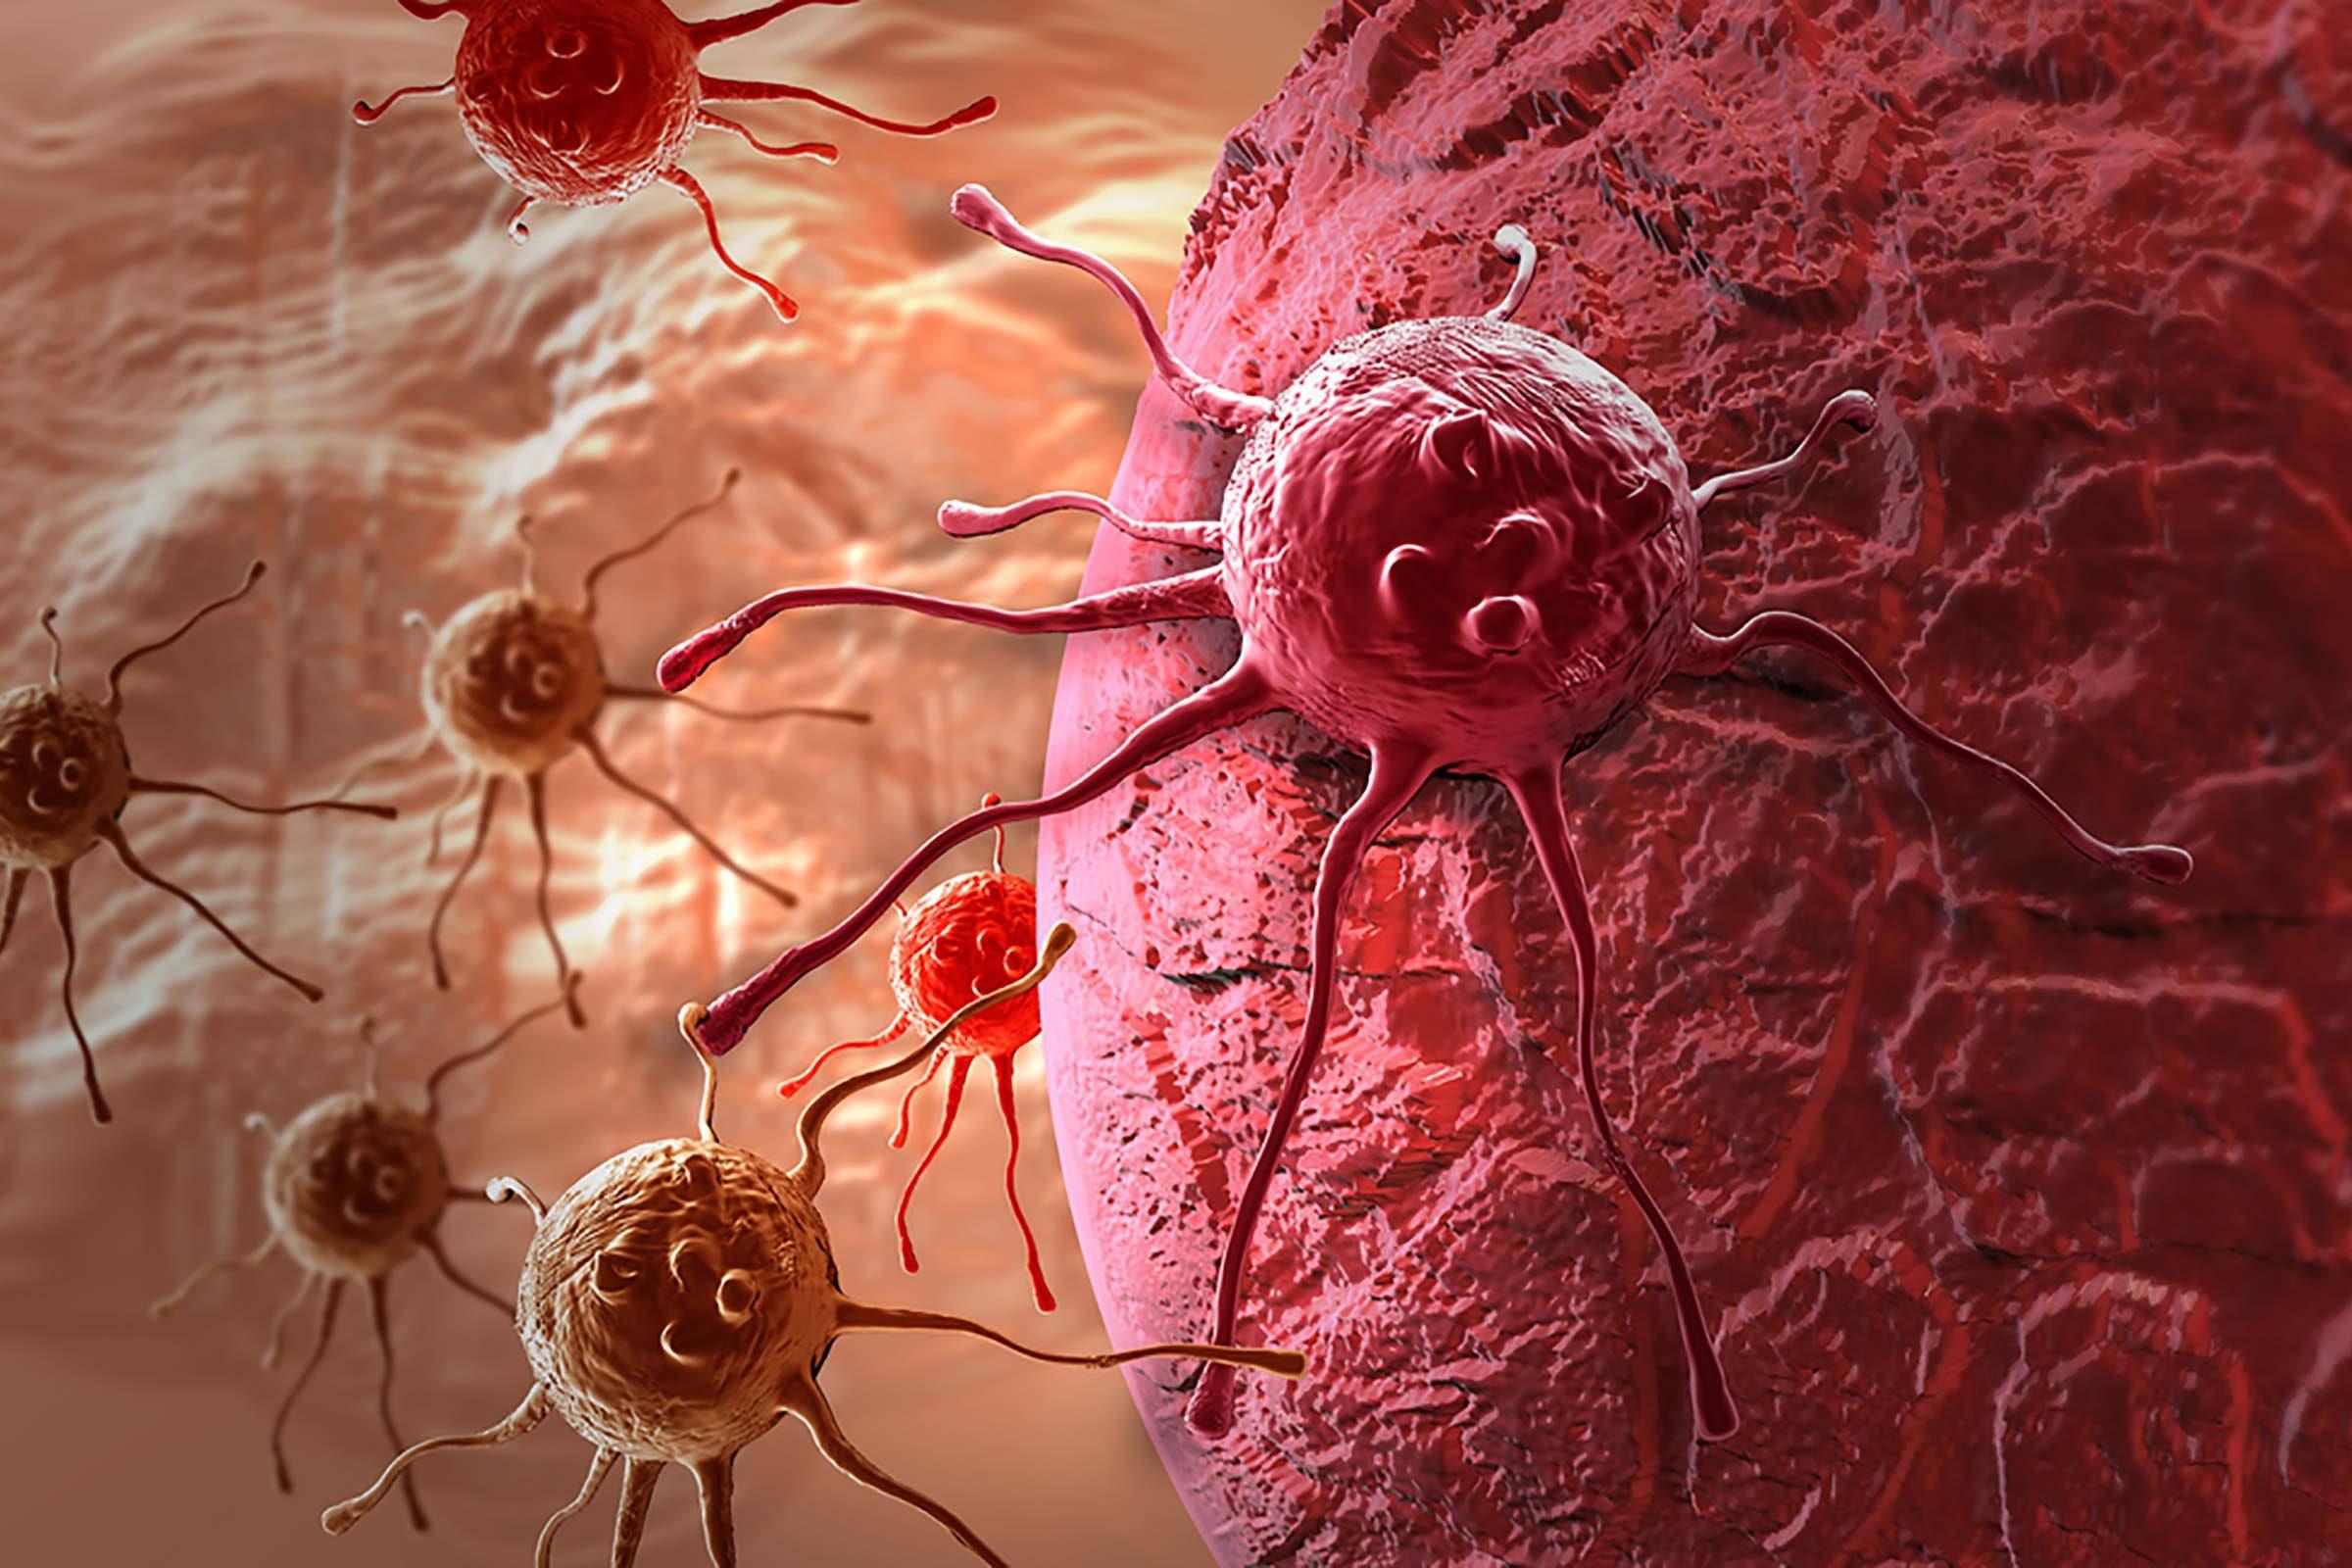 Cet aliment courant faciliterait la multiplication des cellules cancéreuses